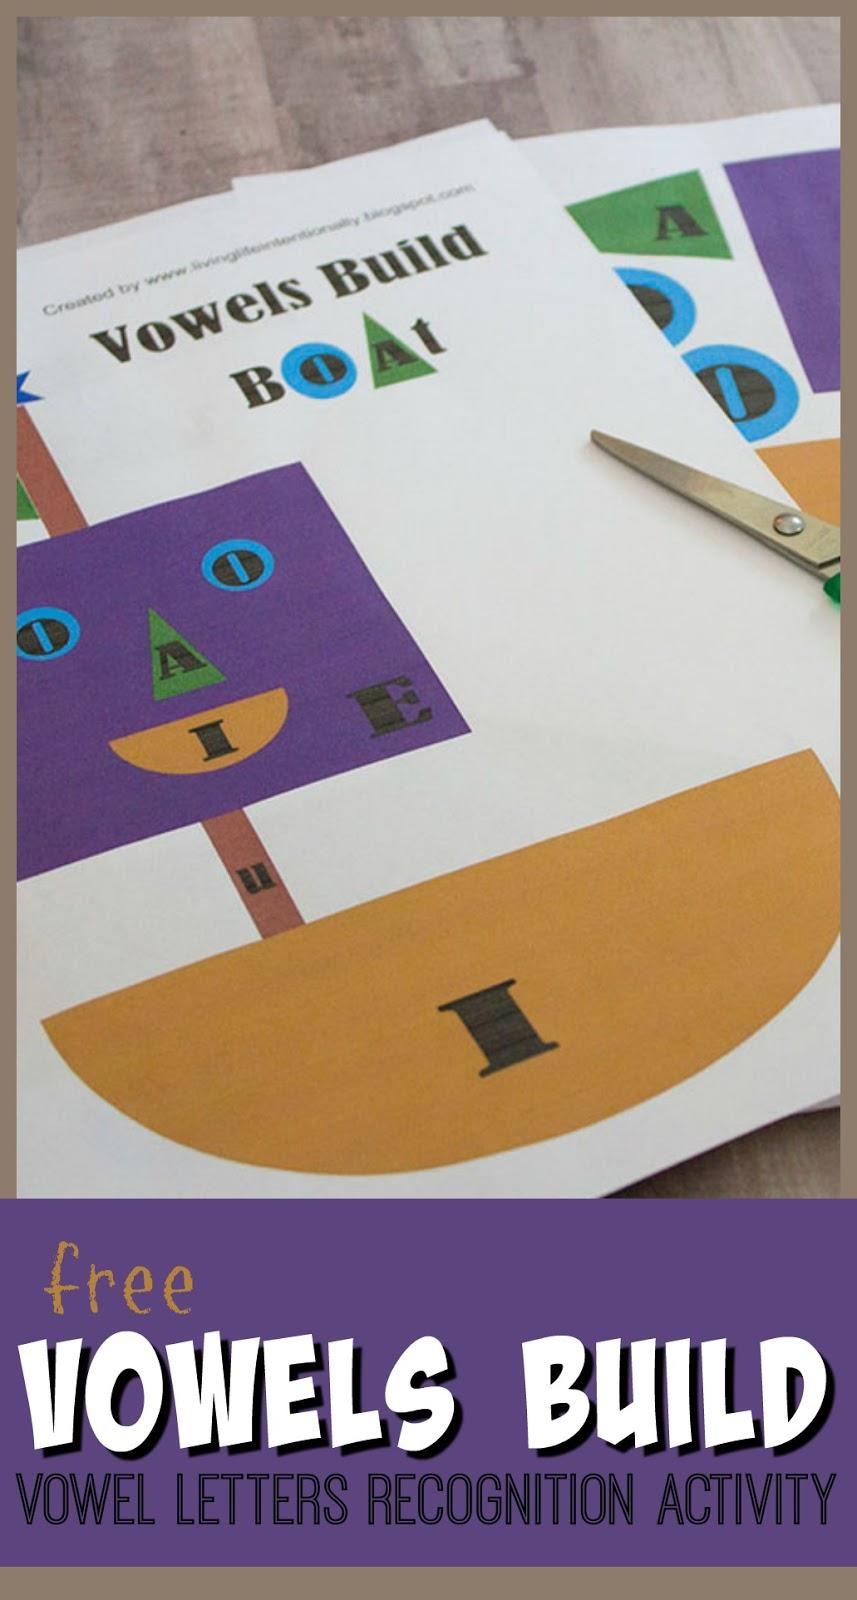 free vowel letters building activity